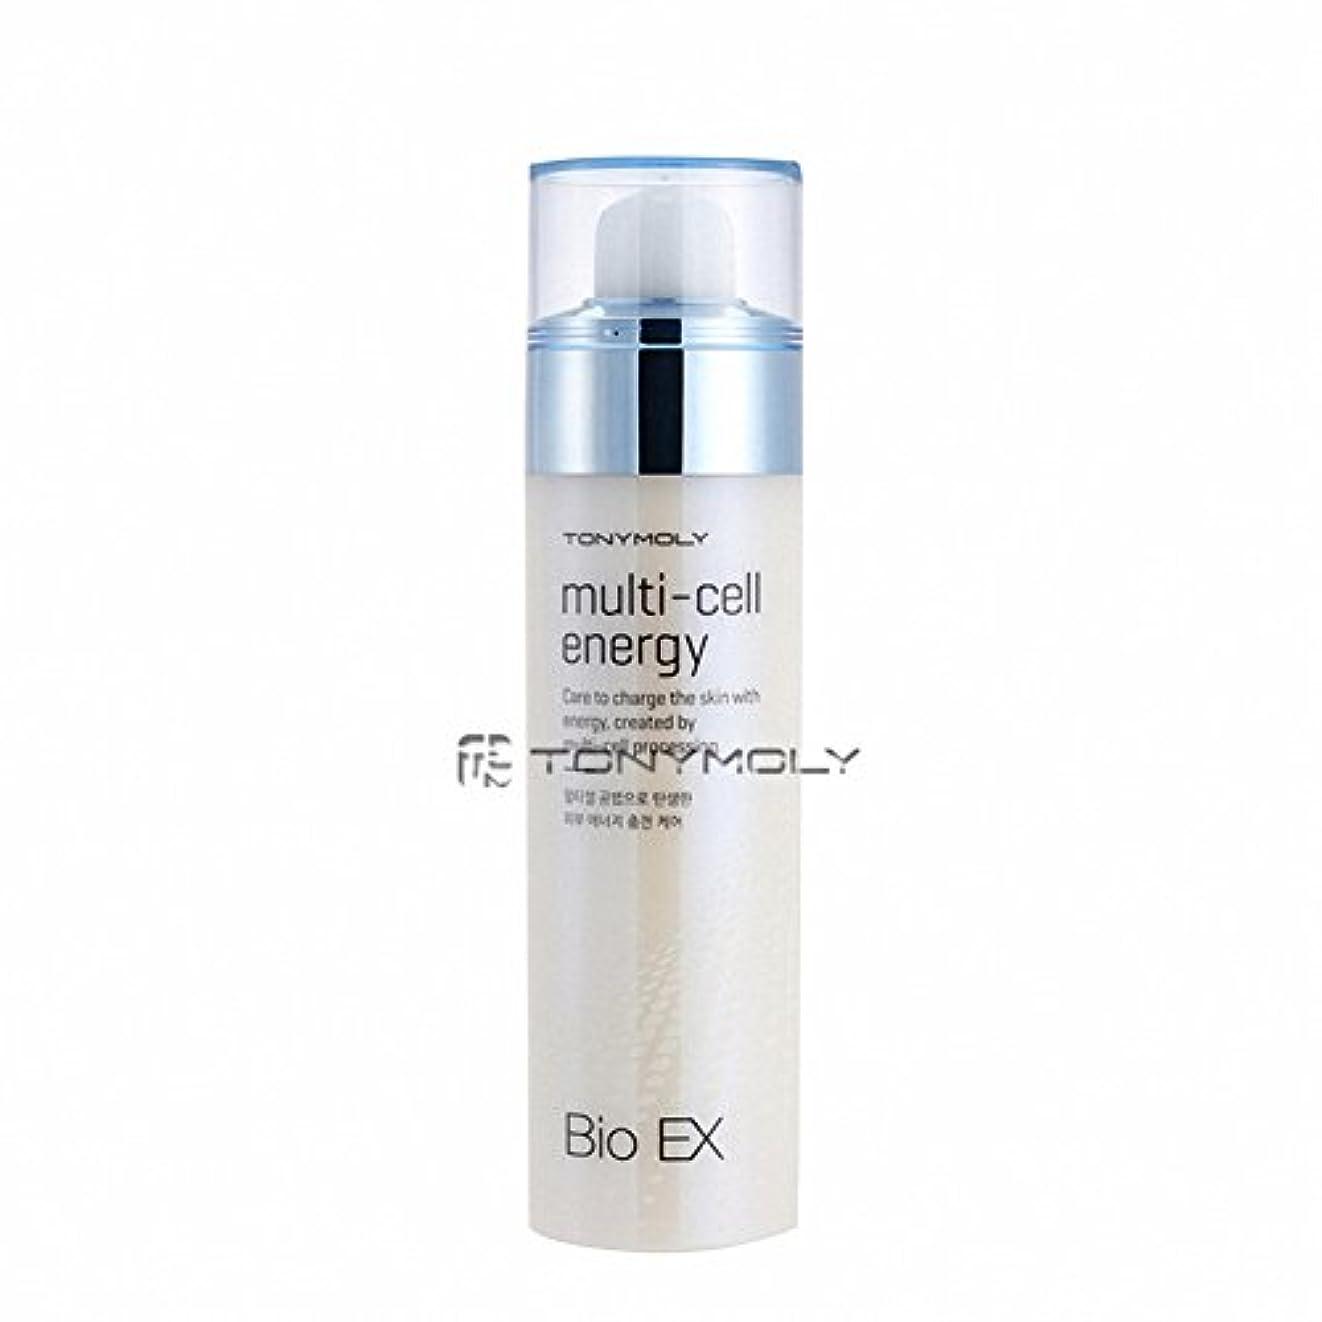 下位リダクターバートニーモリー TONYMOLY Bio EX Multi-Cell Energy 120ml トニーモリー バイオEXマルチセルエネルギー 韓國直送 [並行輸入品]